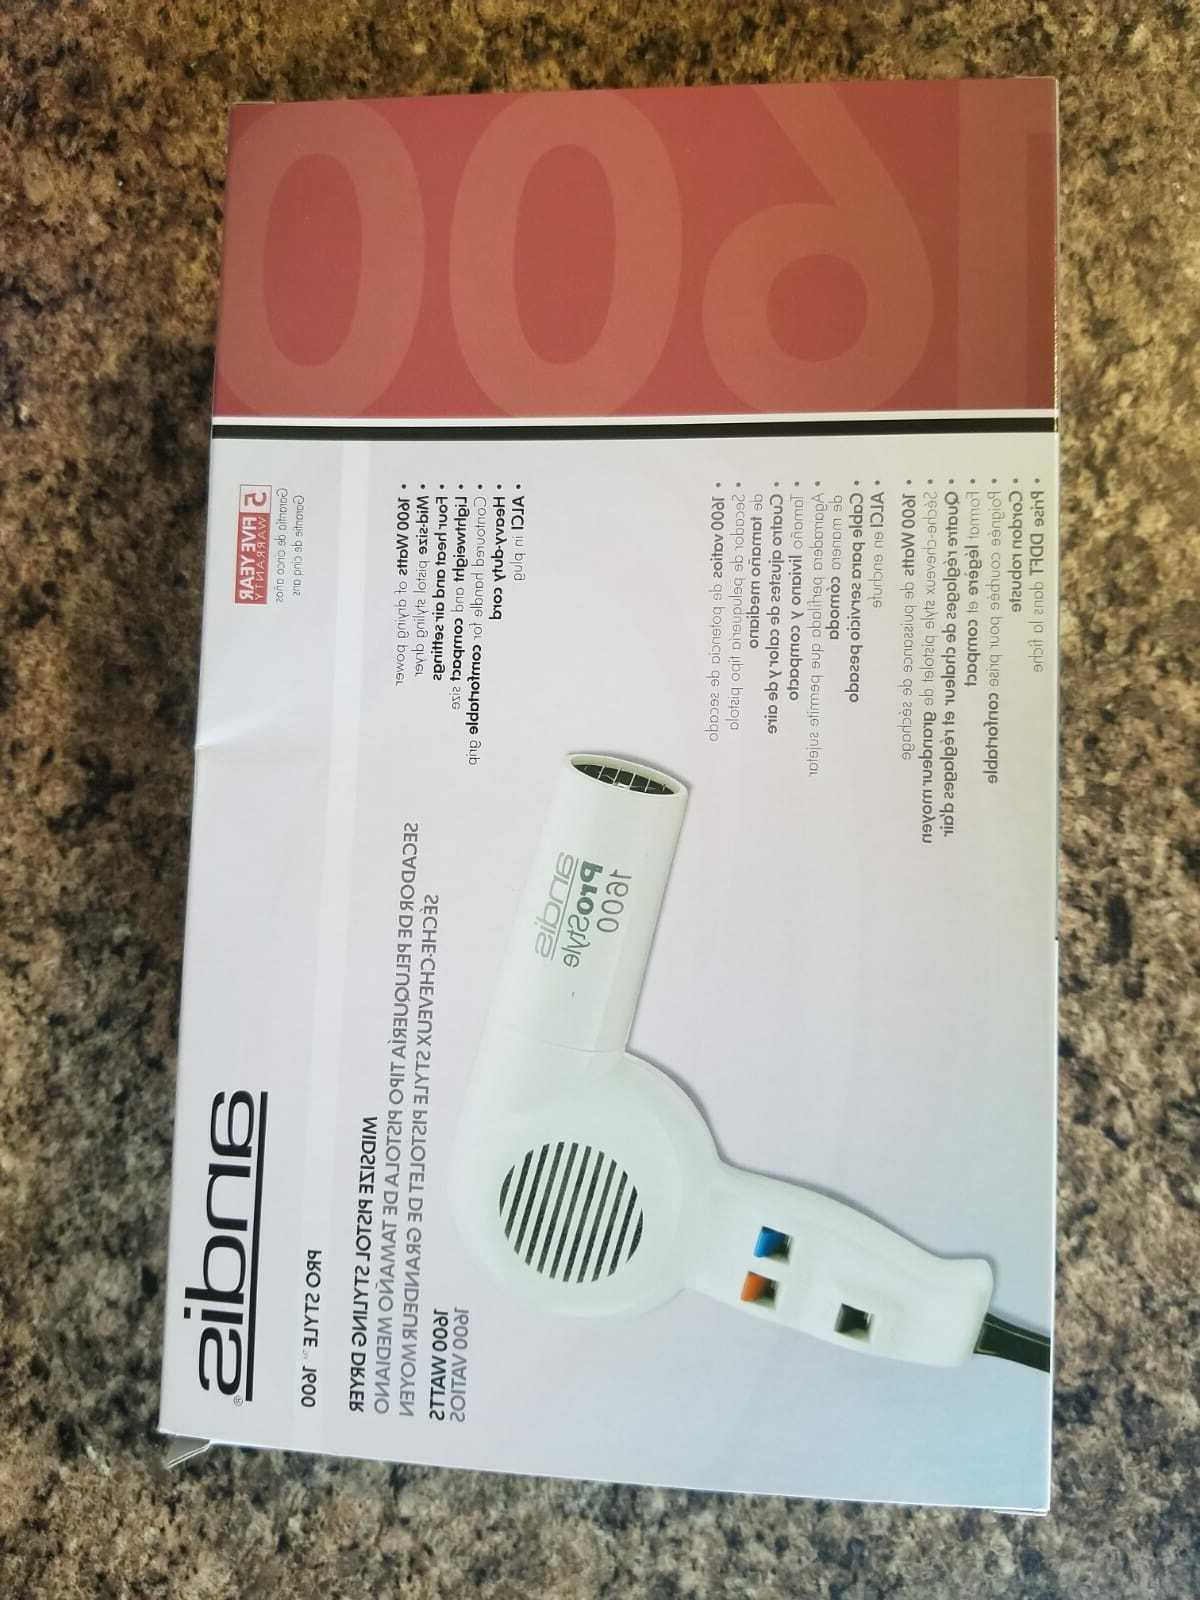 prostyle 1600 watts hair dryer white